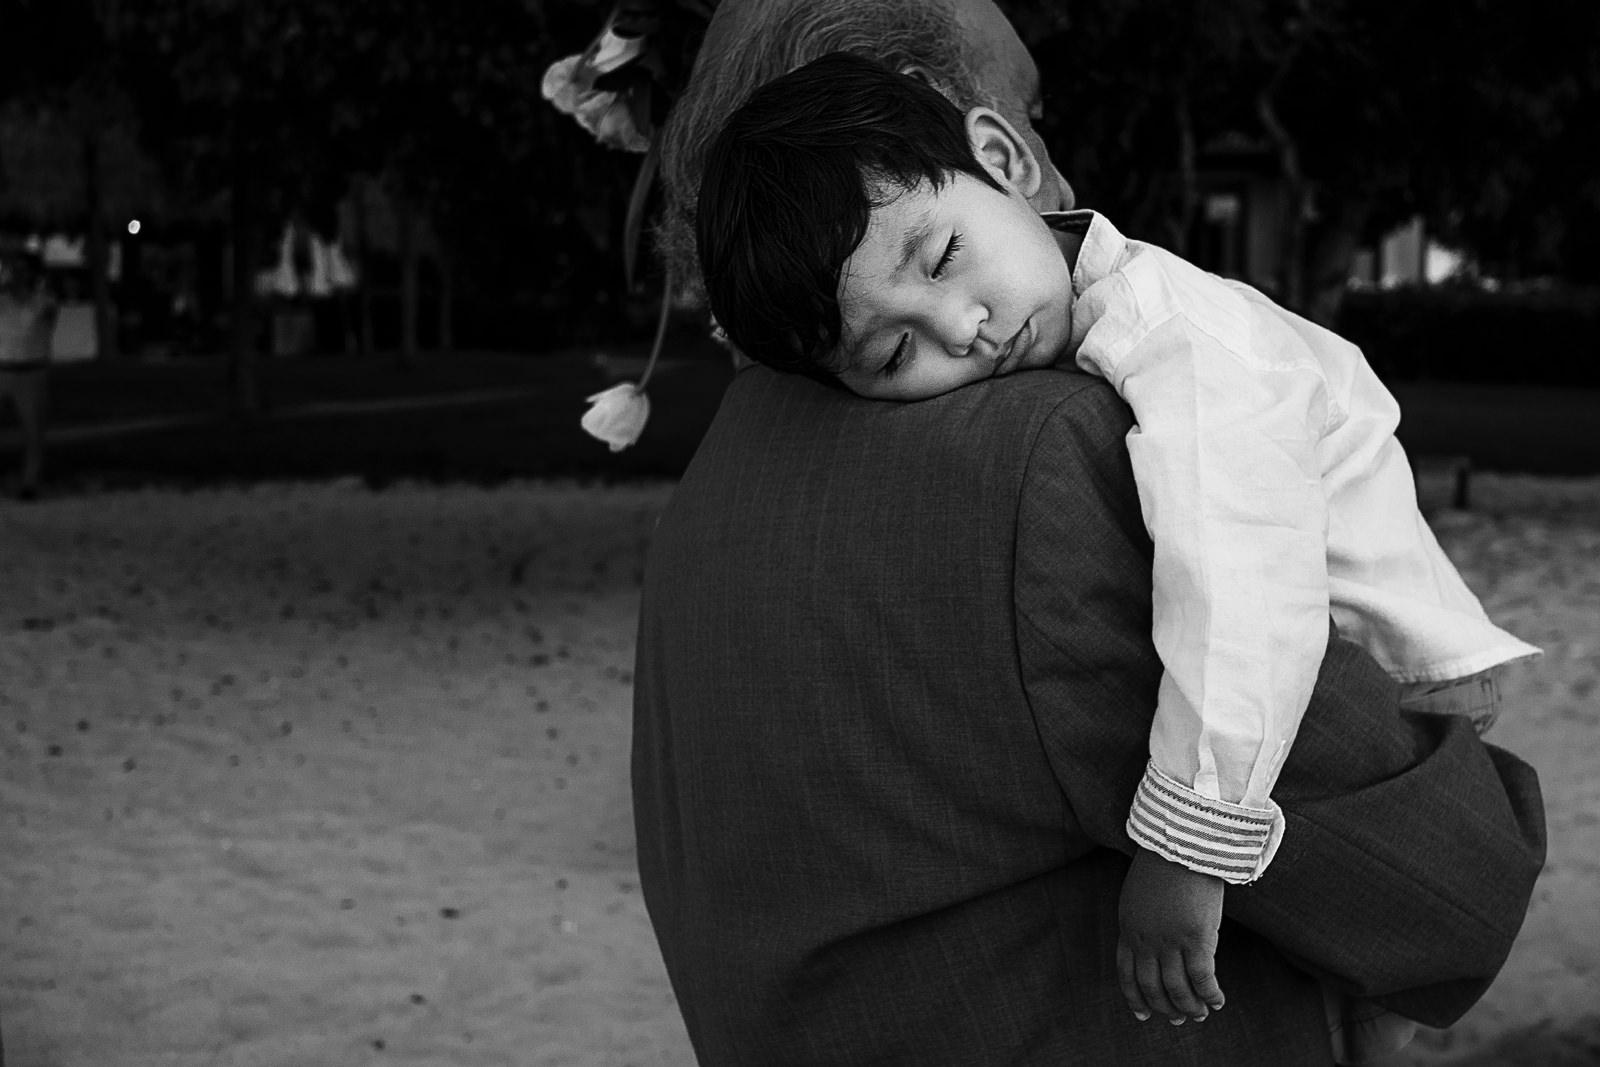 El hijo de la pareja contrayente se queda dormido en la ceremonia civil en la playa del St Regis Resort Punta Mita